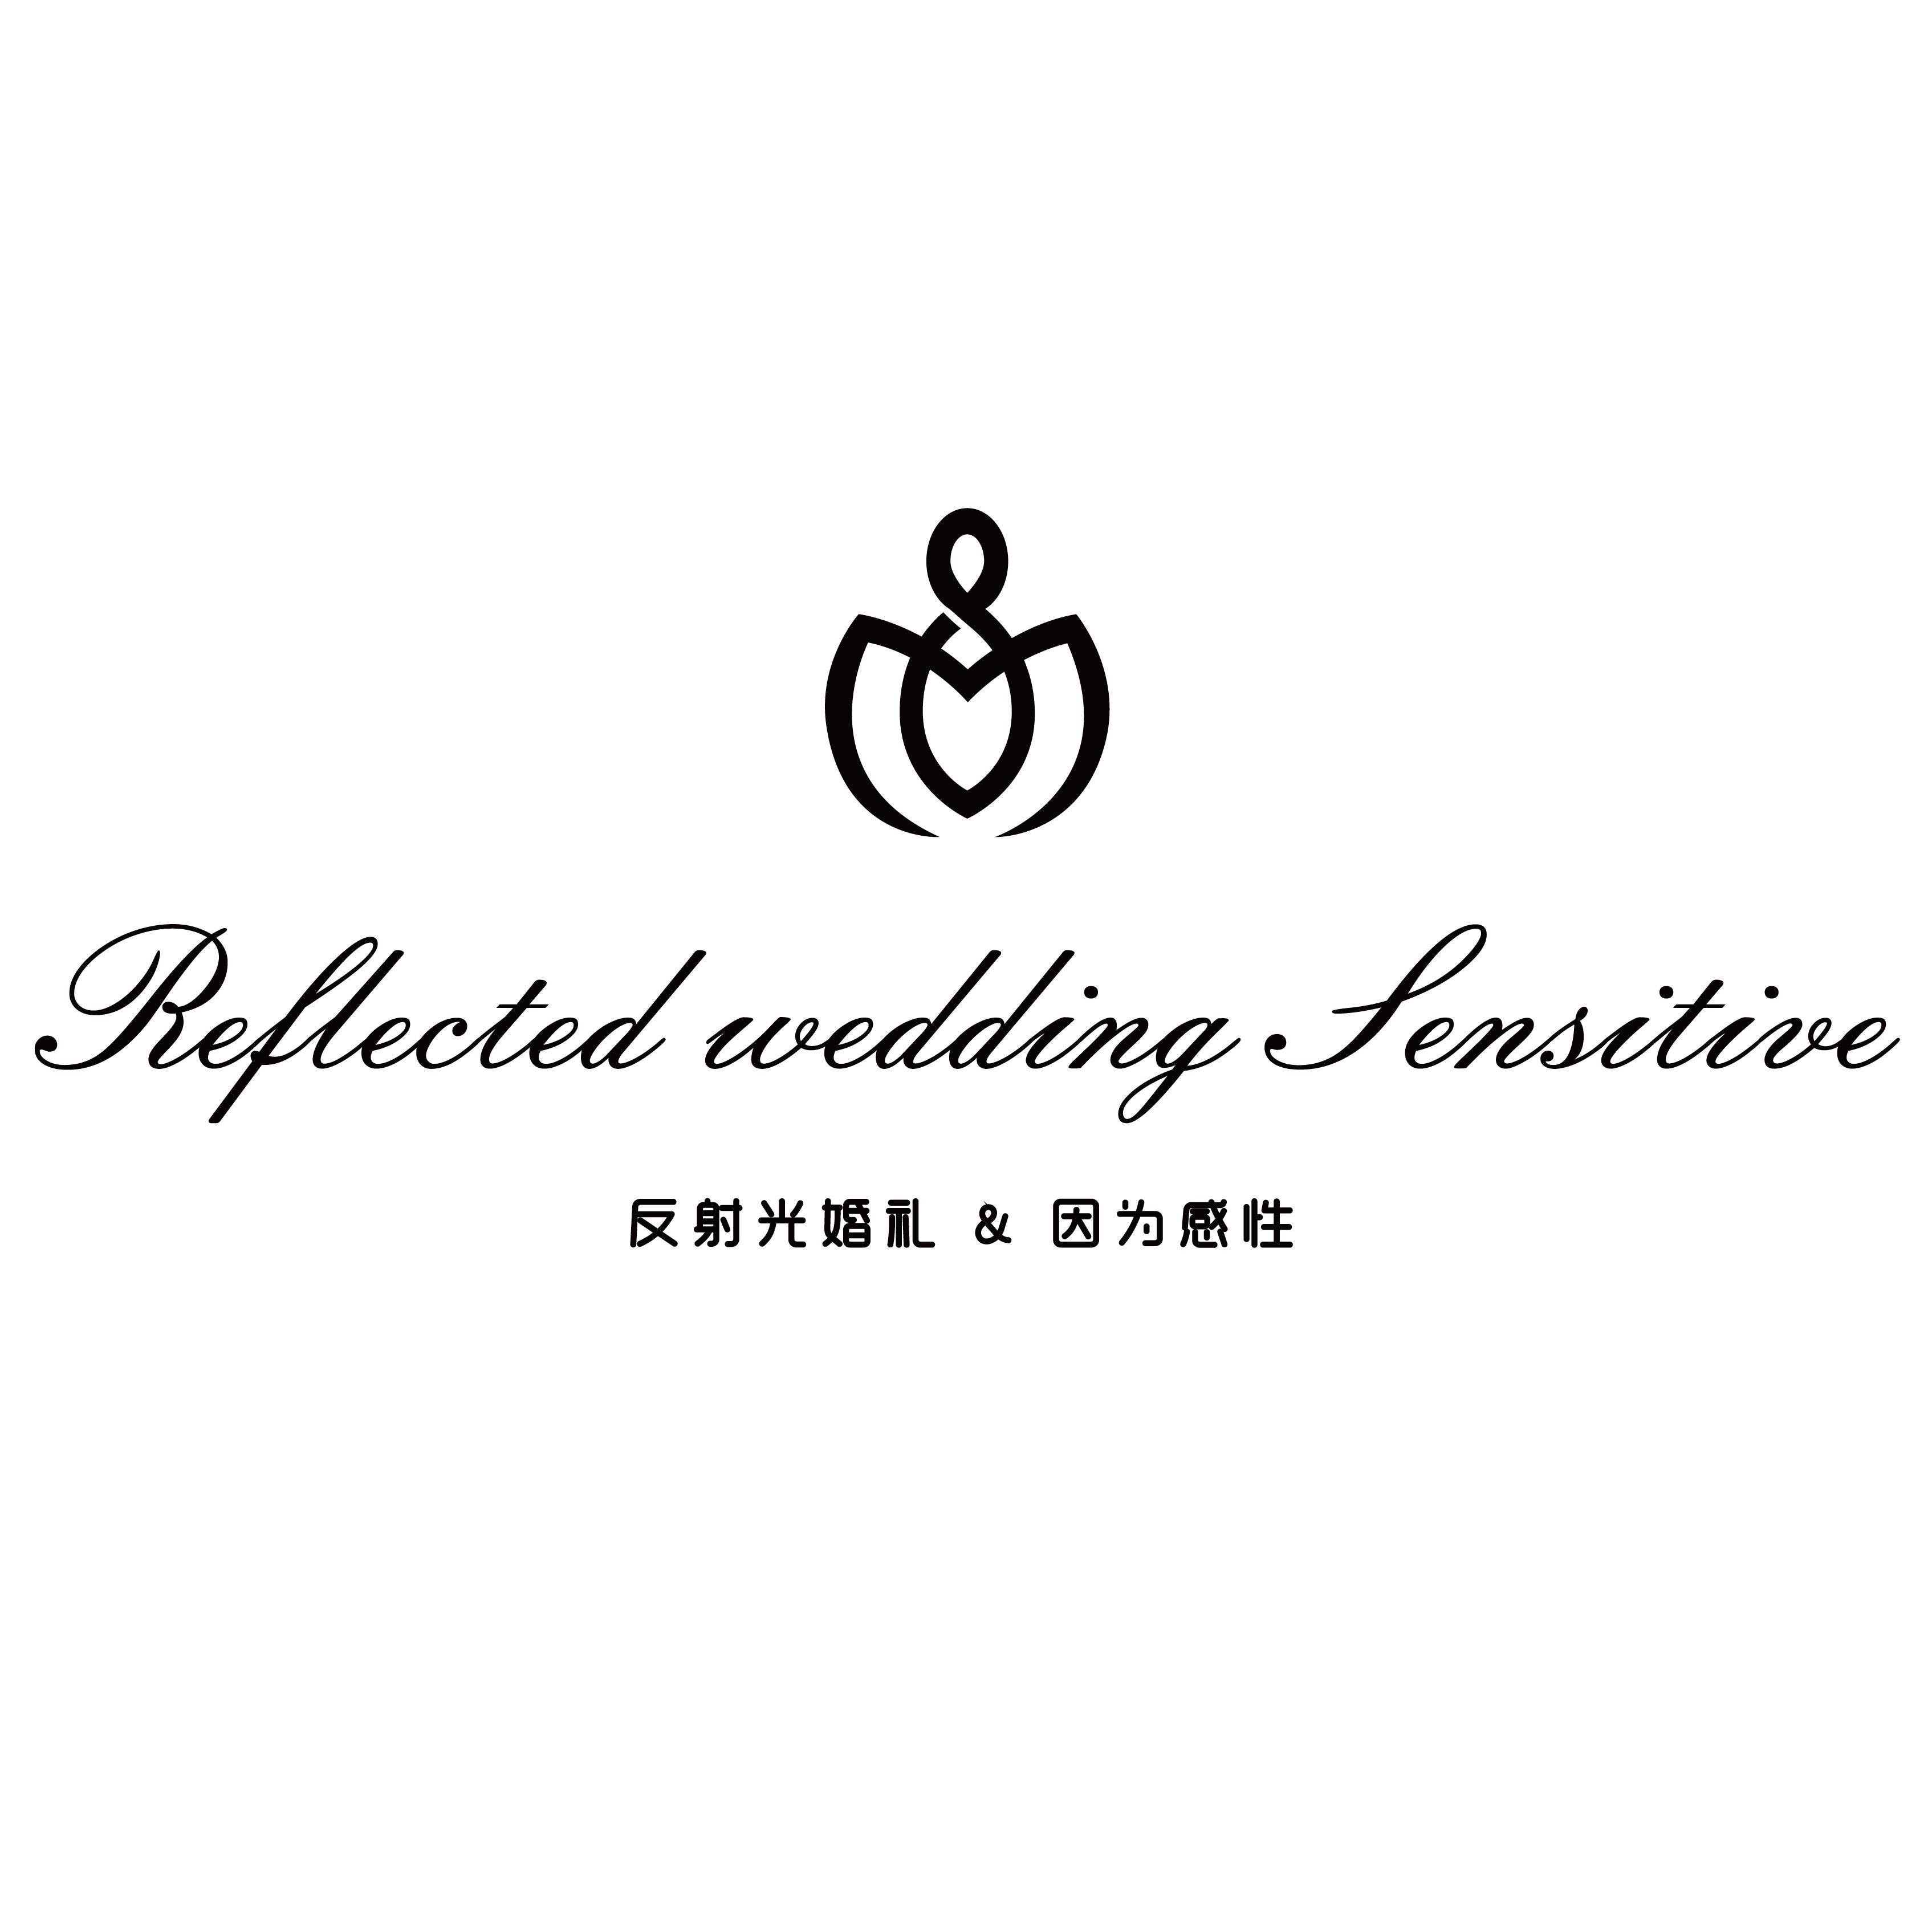 反射光婚礼